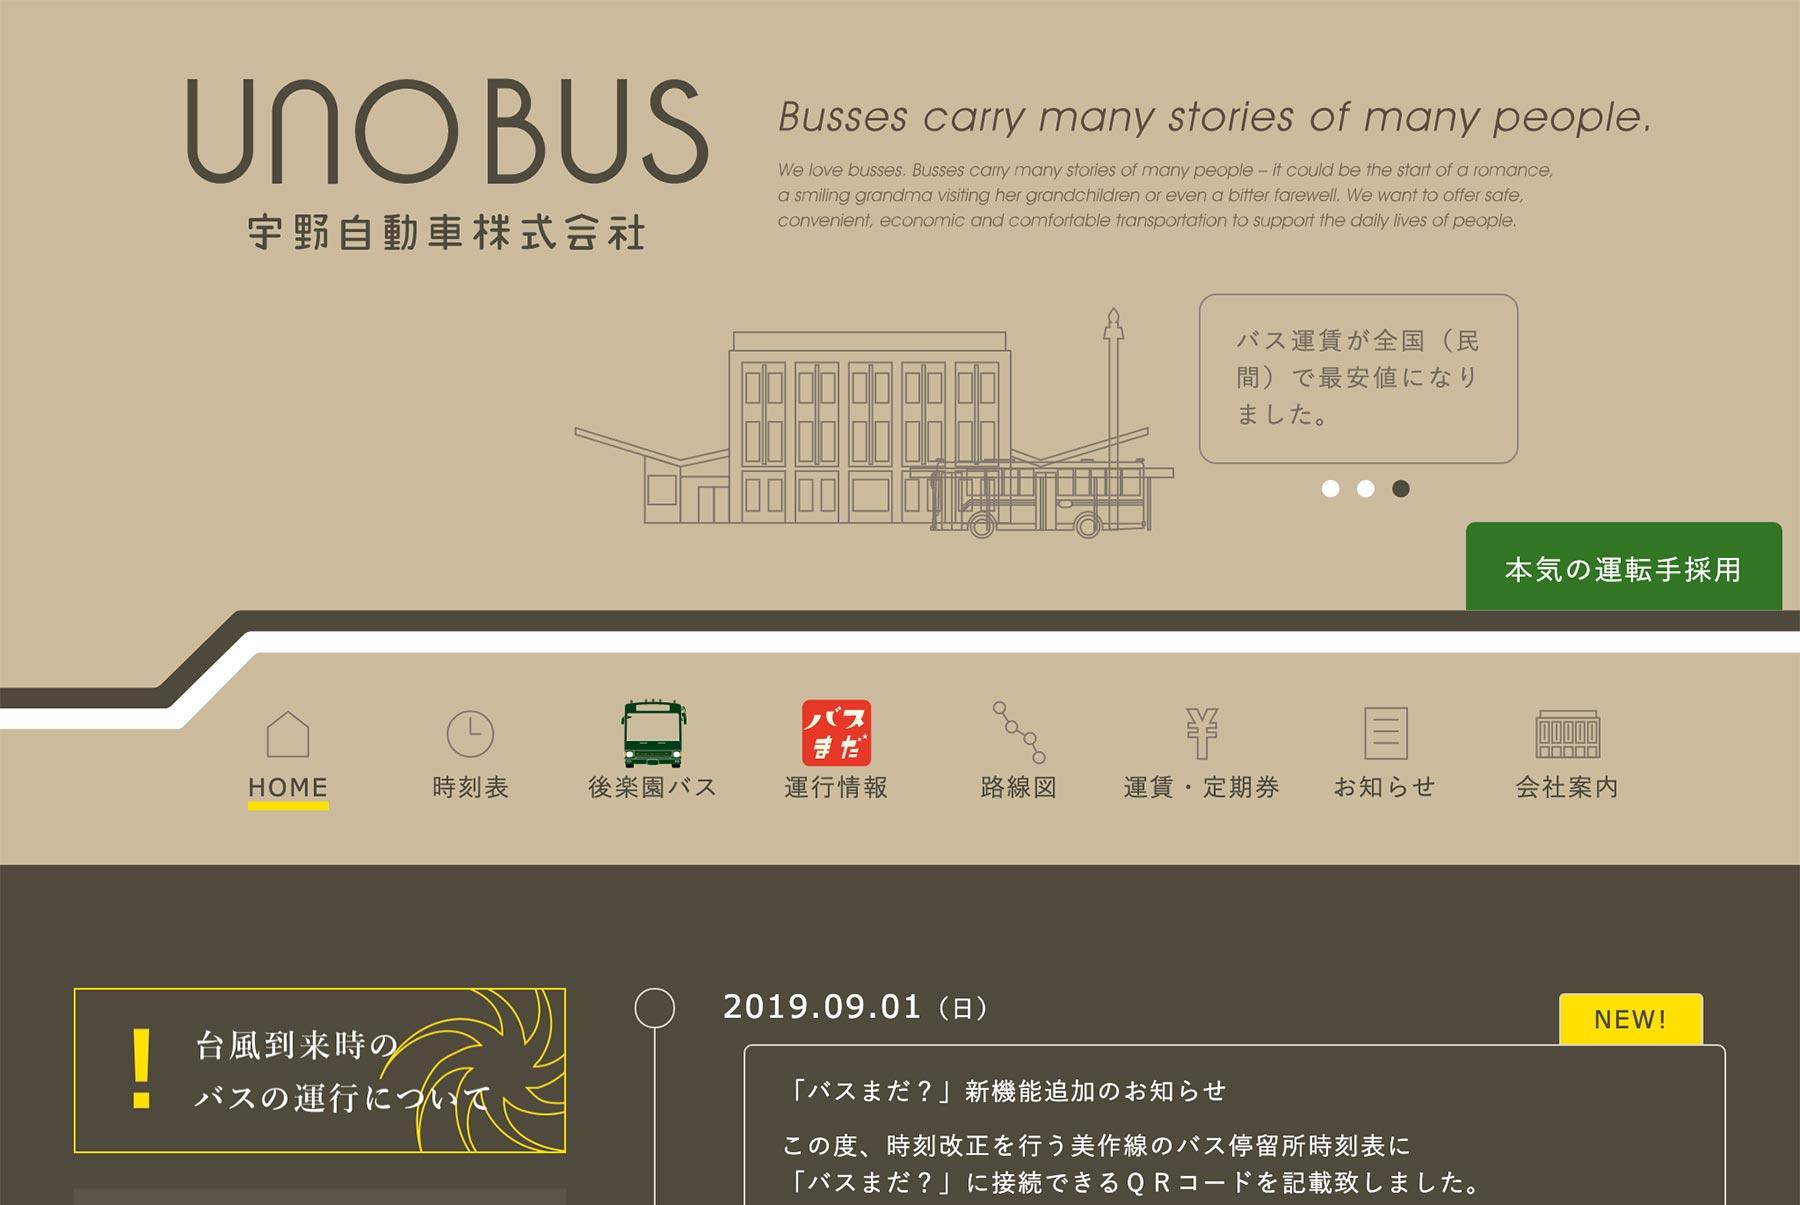 宇野バス Webデザイン PC